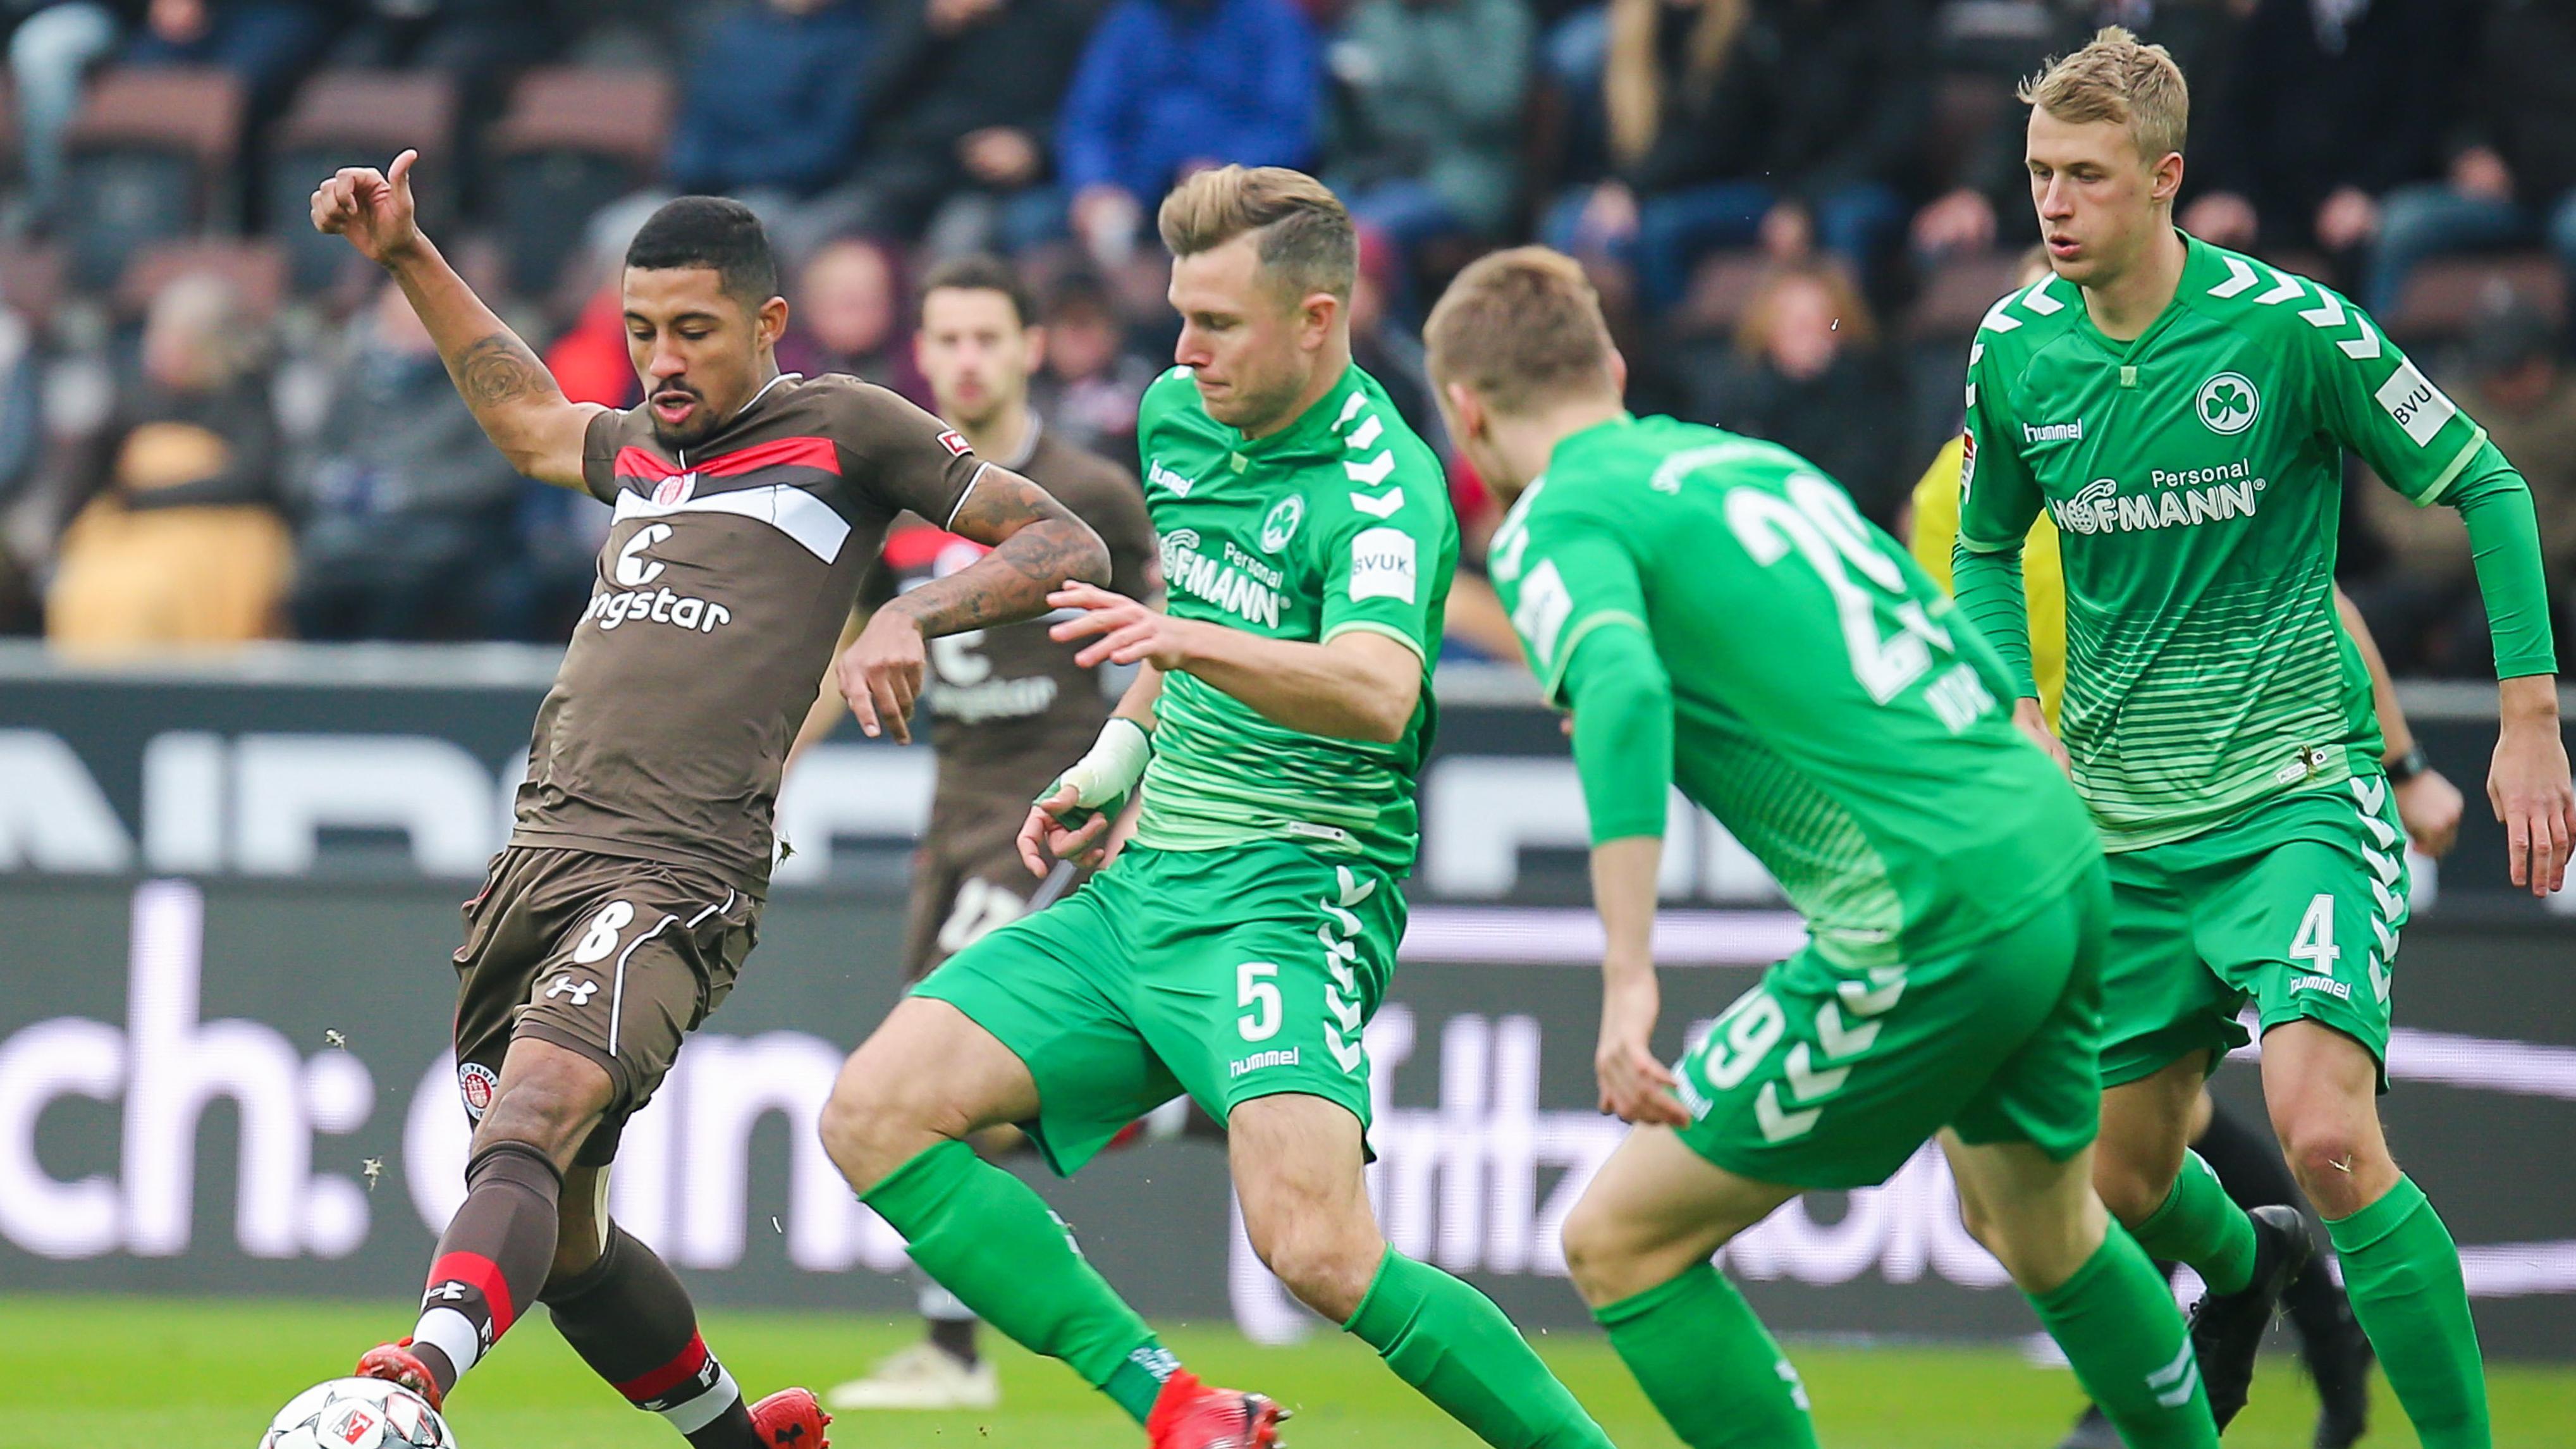 Spielszene FC St. Pauli - SpVgg Greuther Fürth